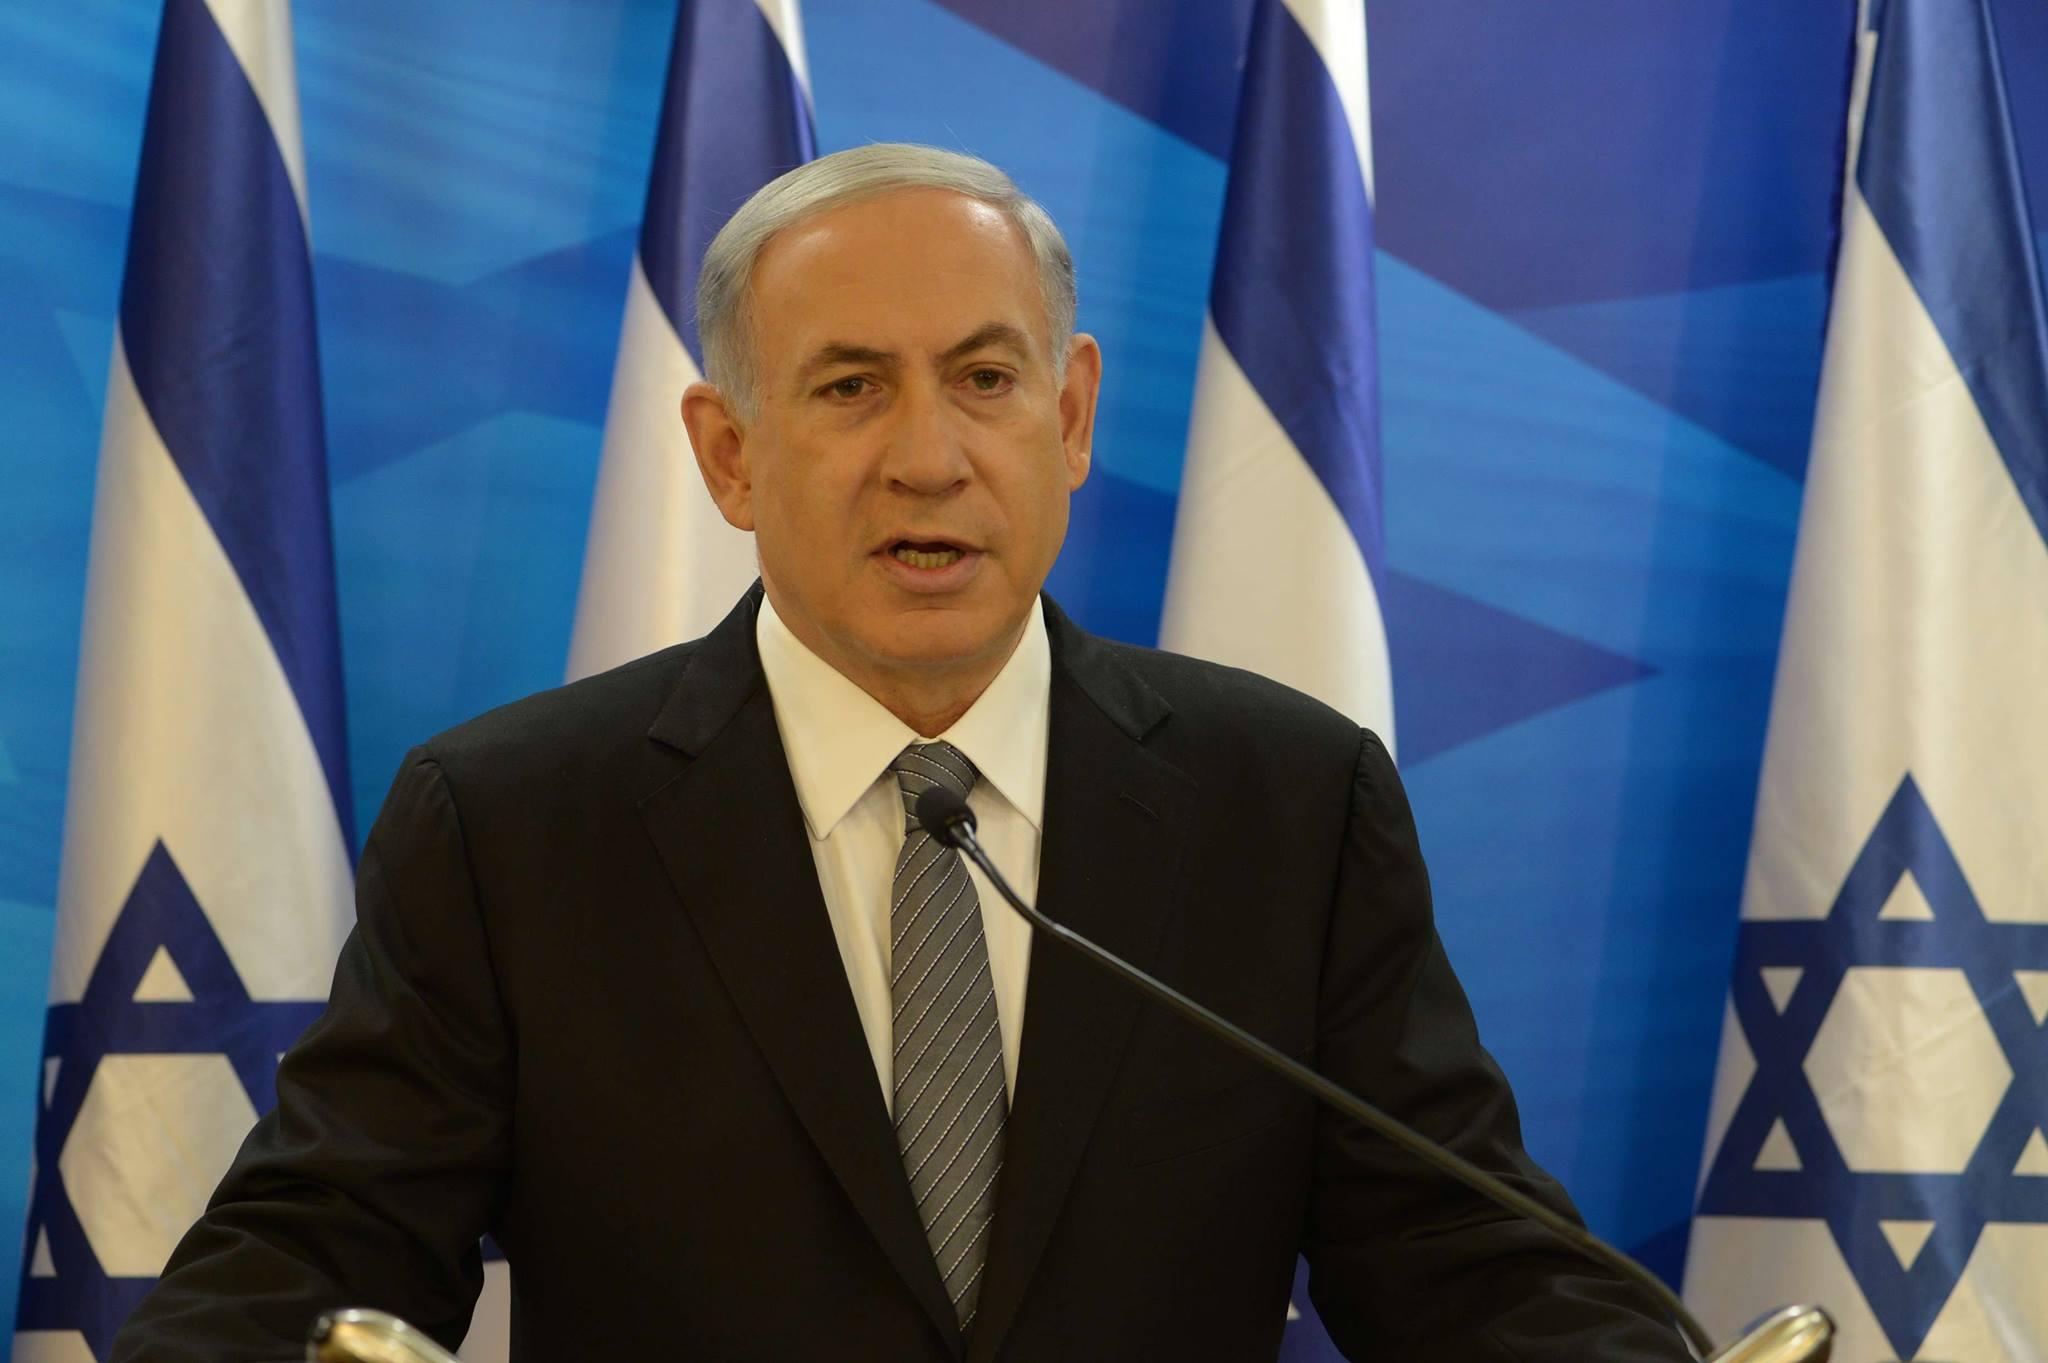 ALEGERI ÎN ISRAEL: Şansele premierului Netanyahu de a rămâne în funcţie se menţin după numărarea a 95% din voturi